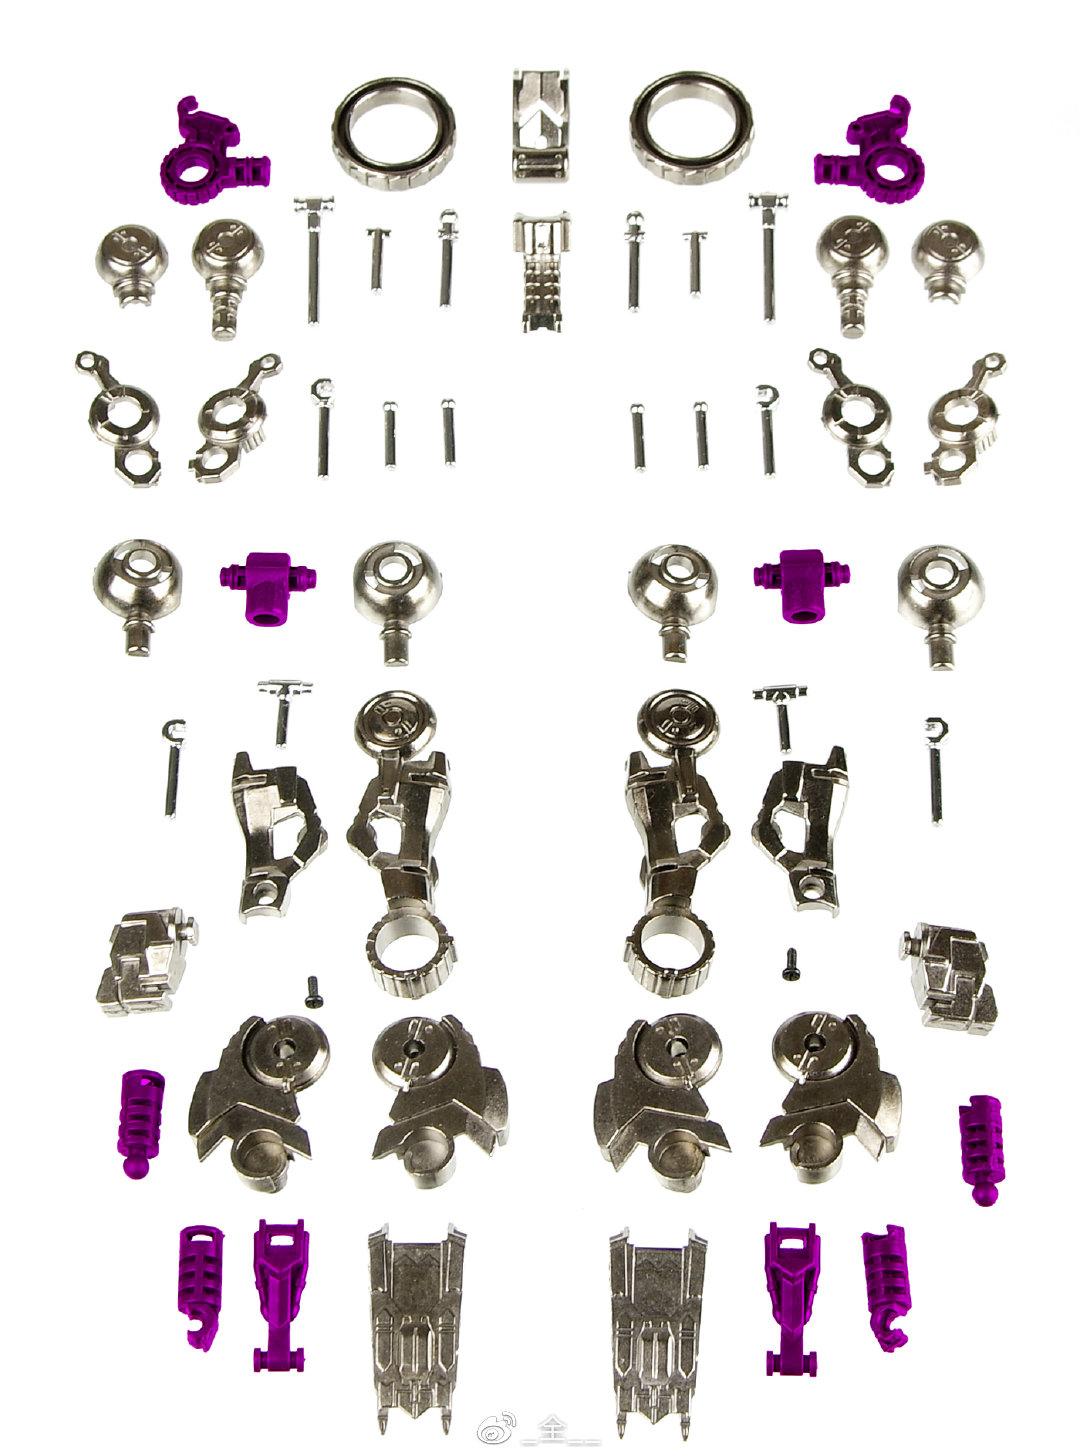 M103_mg_barbatos_metal_frame_parts_set_009_008.jpg